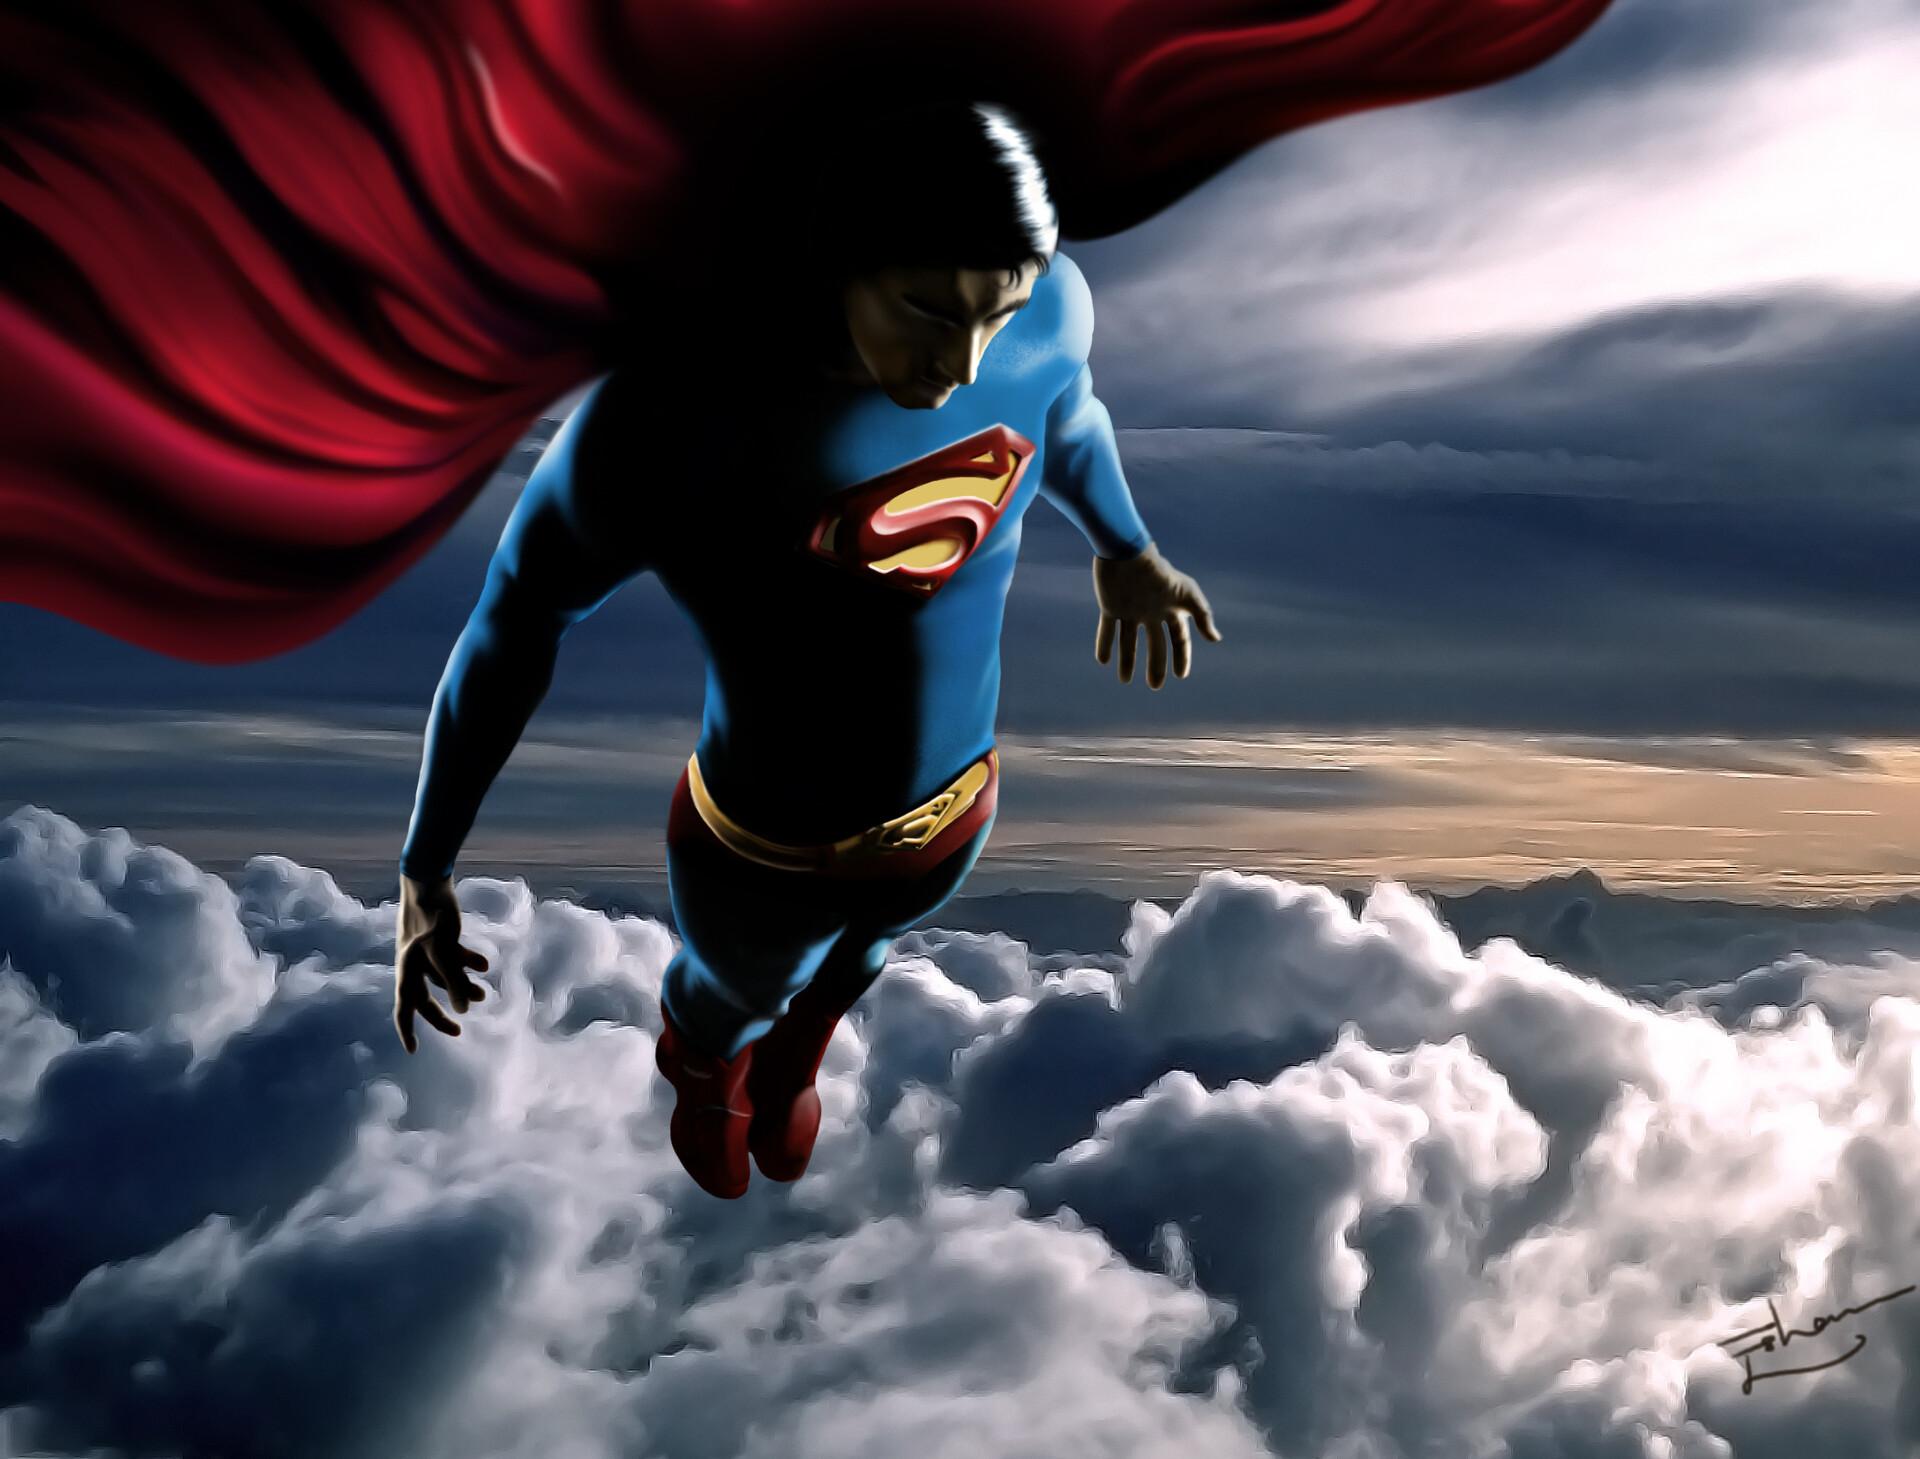 eshan-superman-returns-24fps-digital-painting.jpg?1595065944